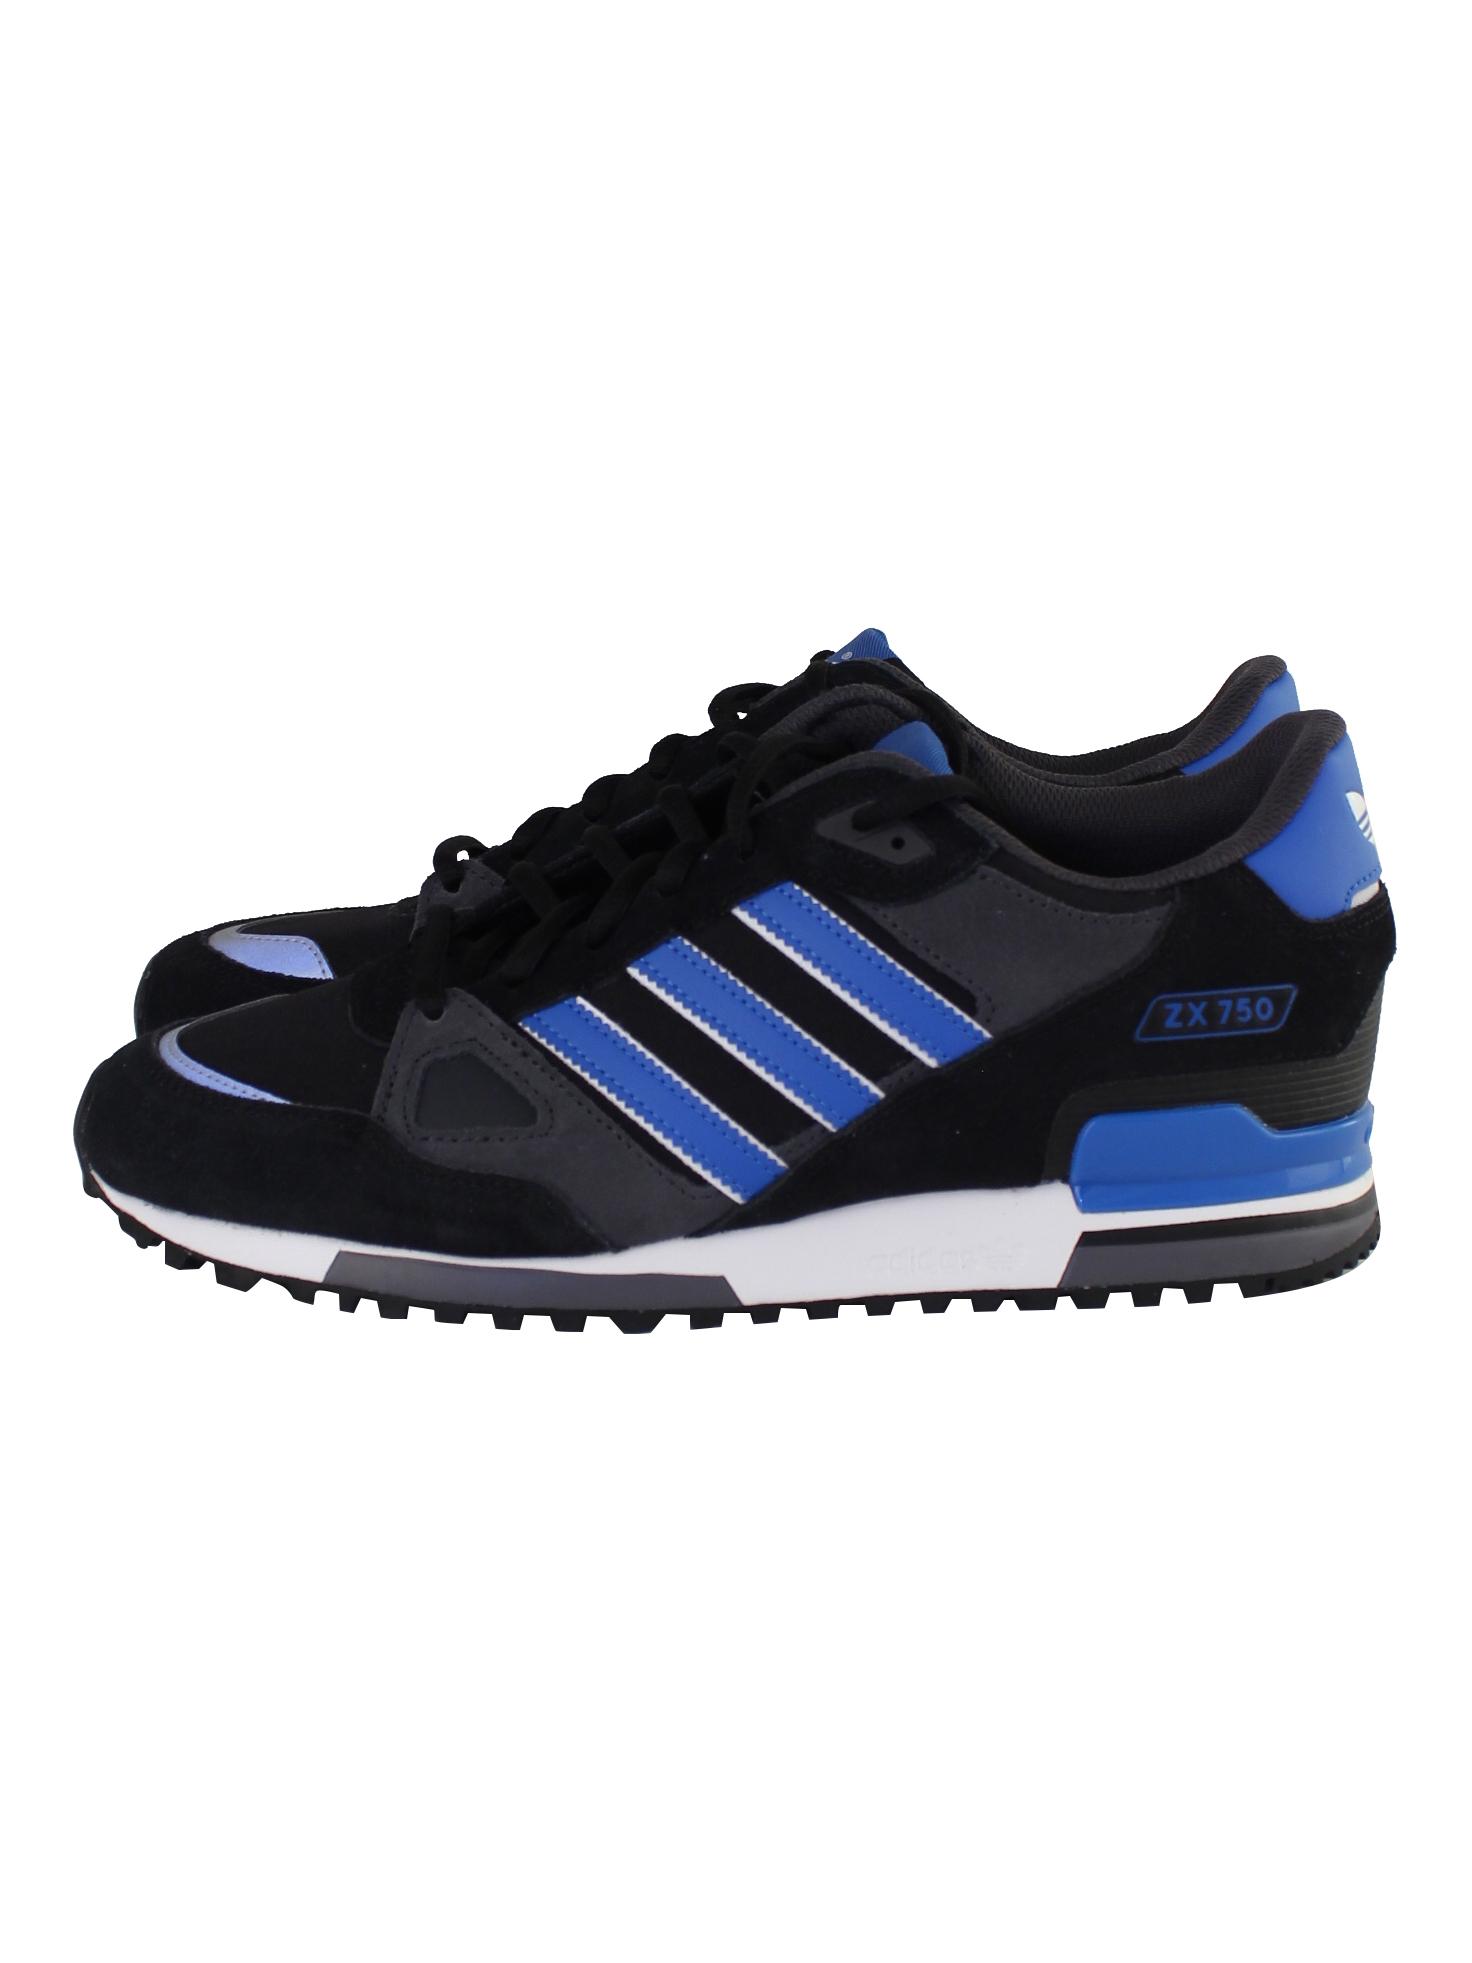 Buy Adidas 'ZX 750' Sneaker - Black / Blue